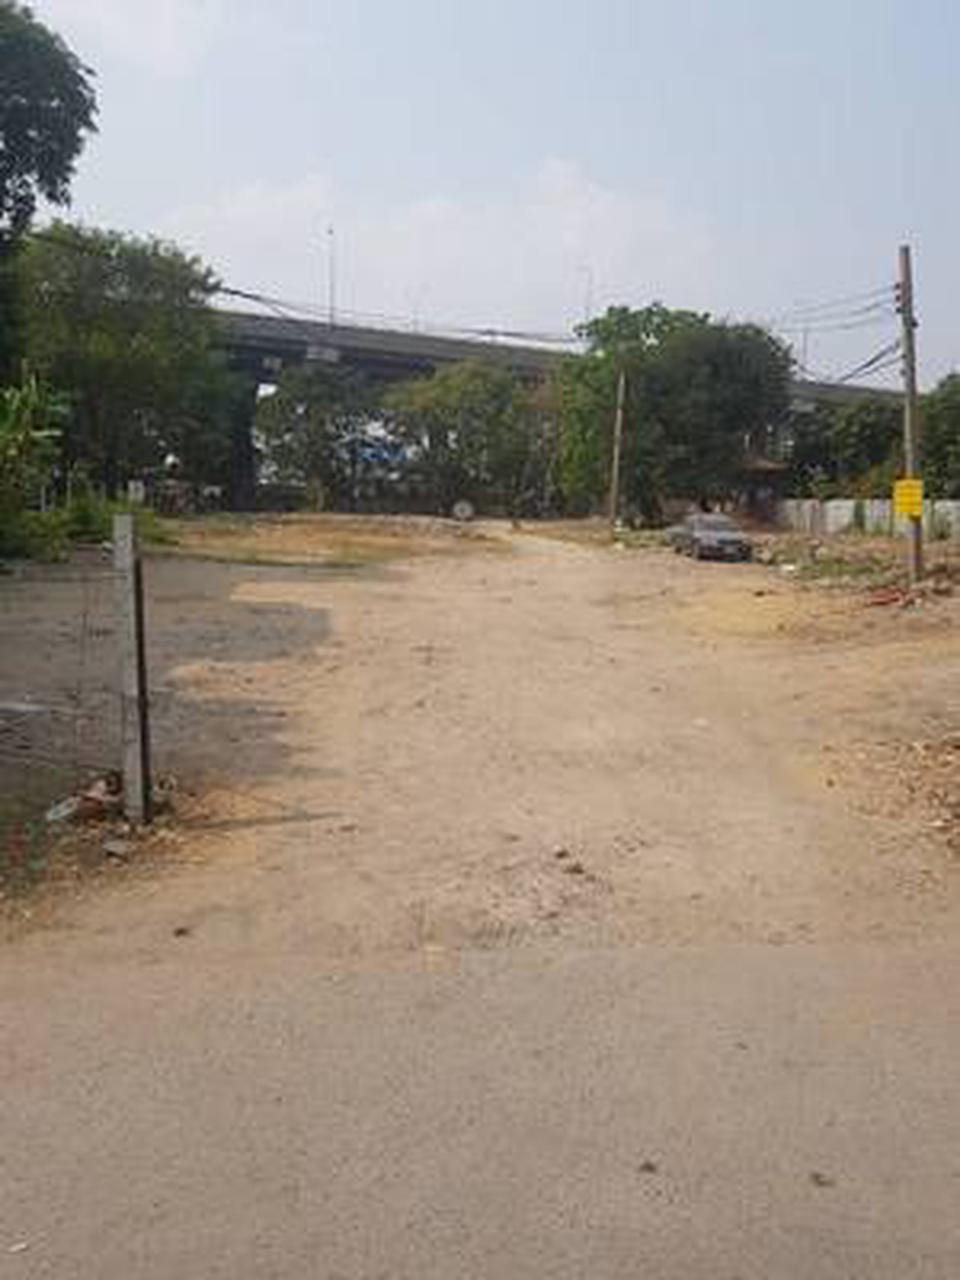 ขายที่ดินเปล่าถมแล้วในถนนสุขุมวิท กรุงเทพมหานคร รูปที่ 5